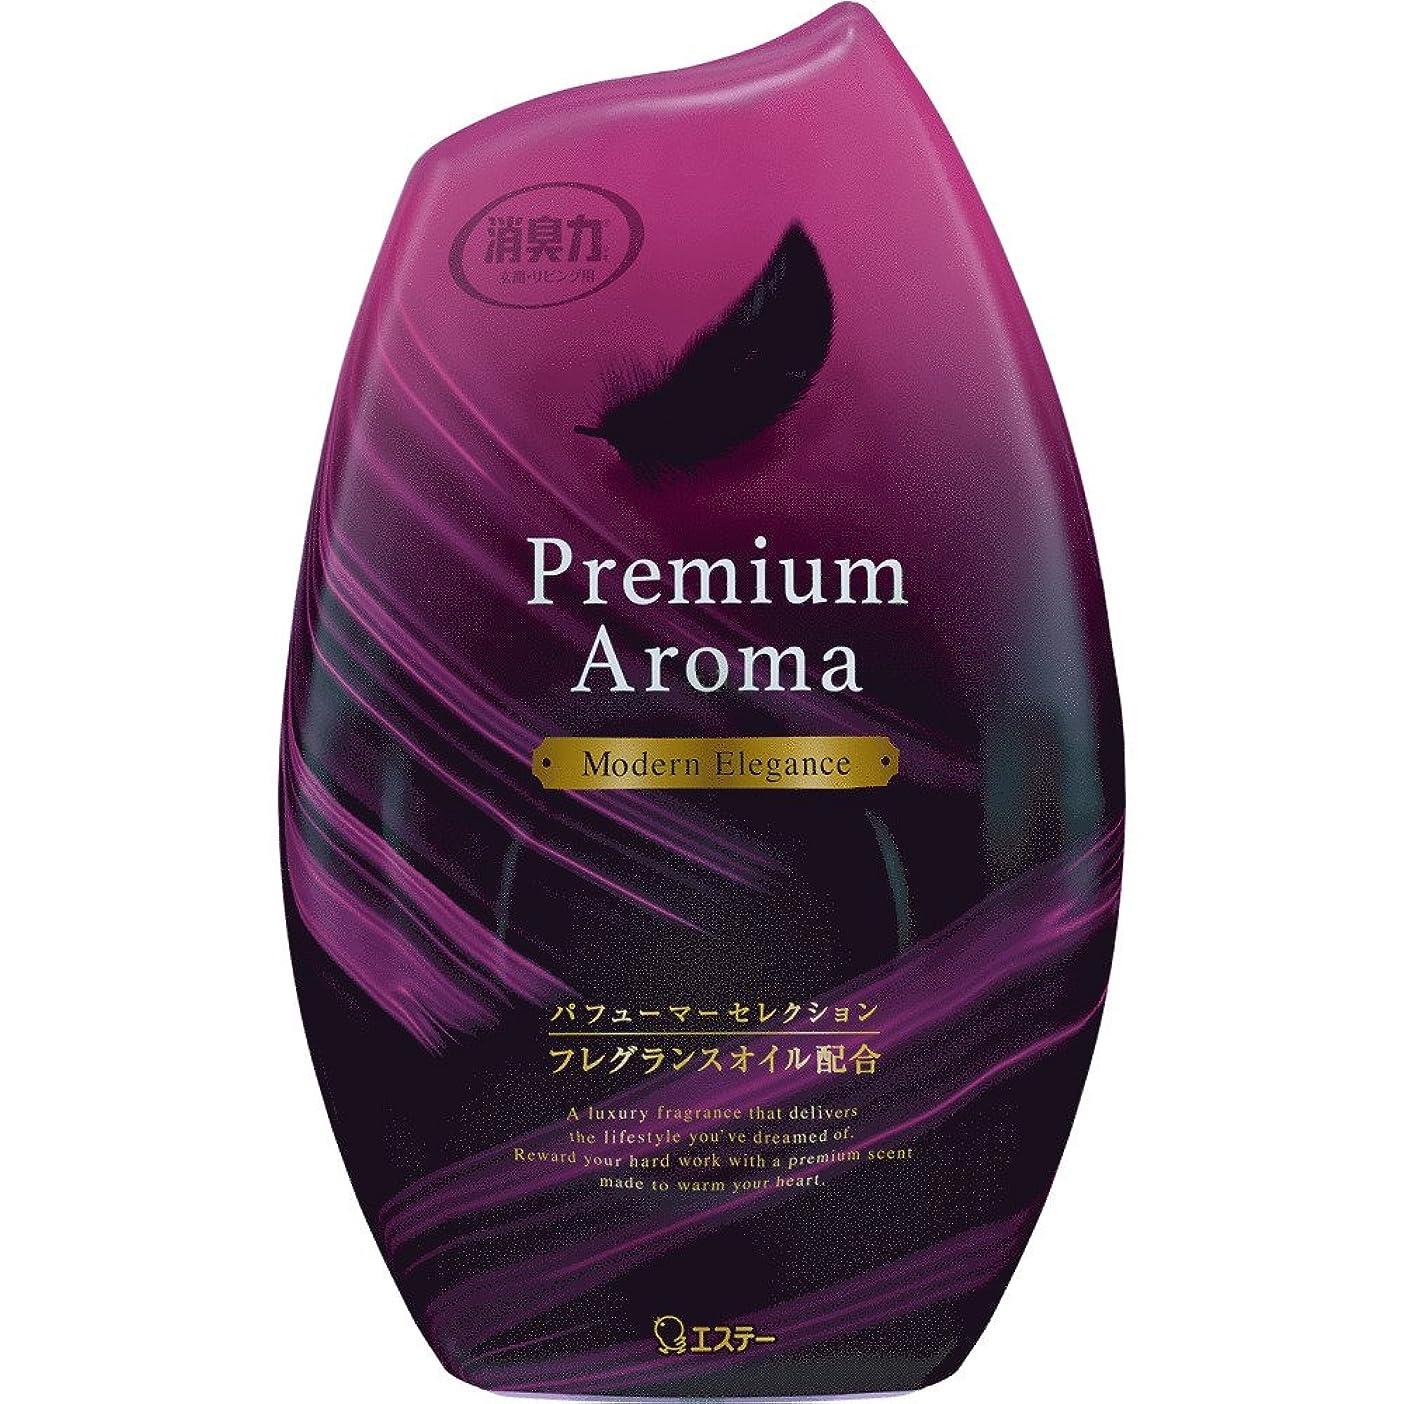 幸運なことにママ繰り返しお部屋の消臭力 プレミアムアロマ Premium Aroma 消臭芳香剤 部屋用 部屋 モダンエレガンスの香り 400ml